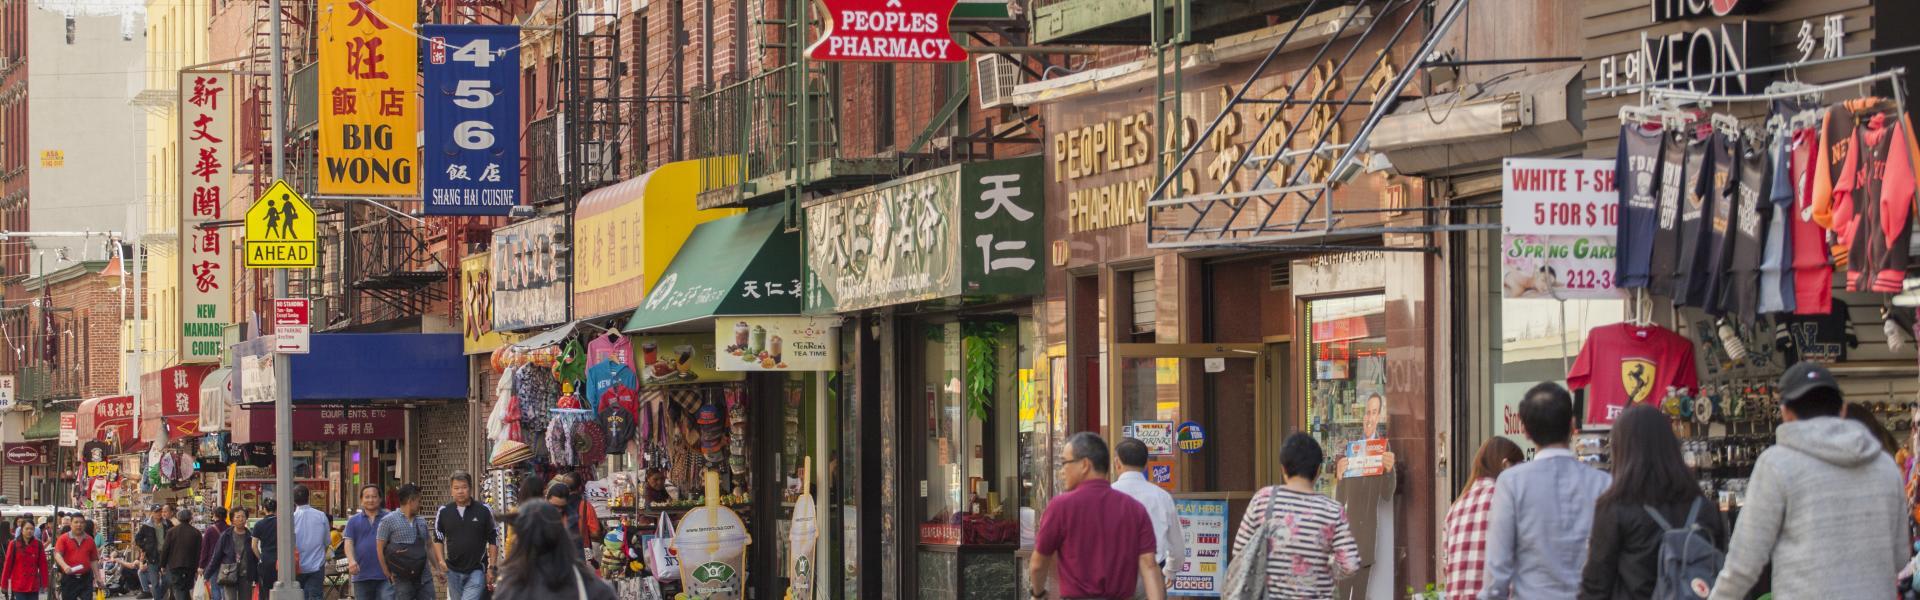 Chinatown,